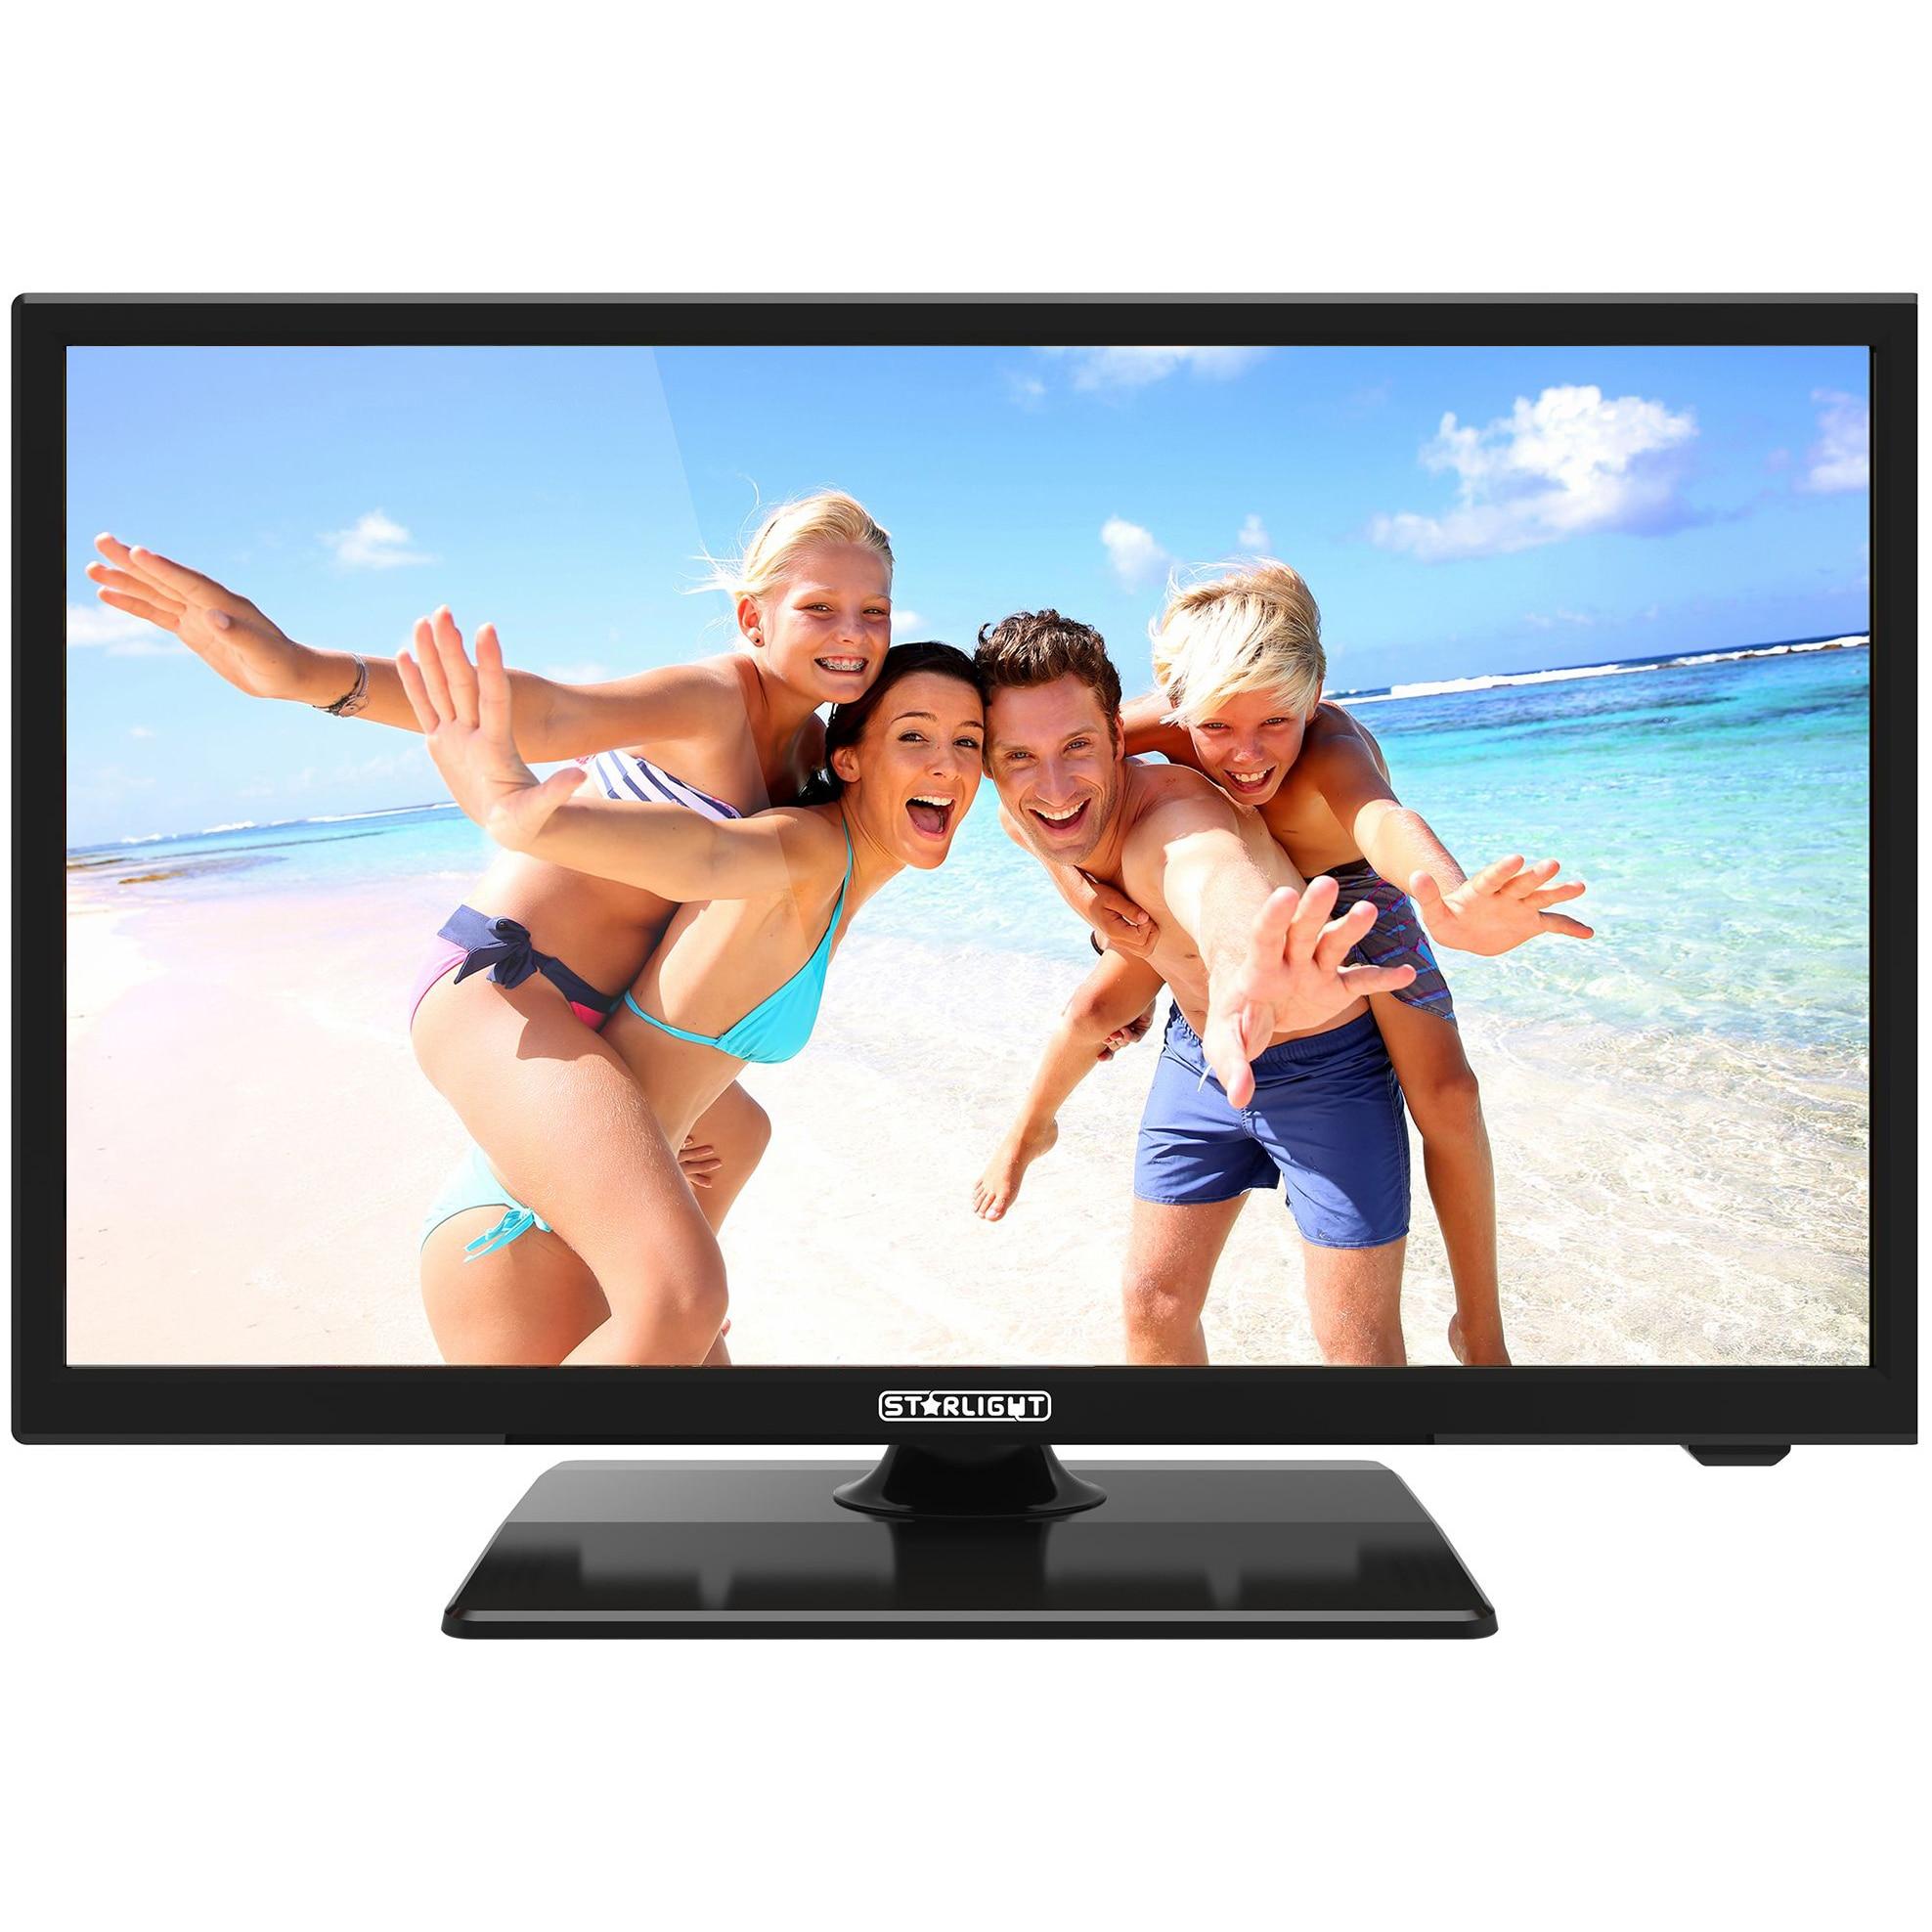 Fotografie Televizor LED Star-Light, 55 cm, 22DM3500, Full HD